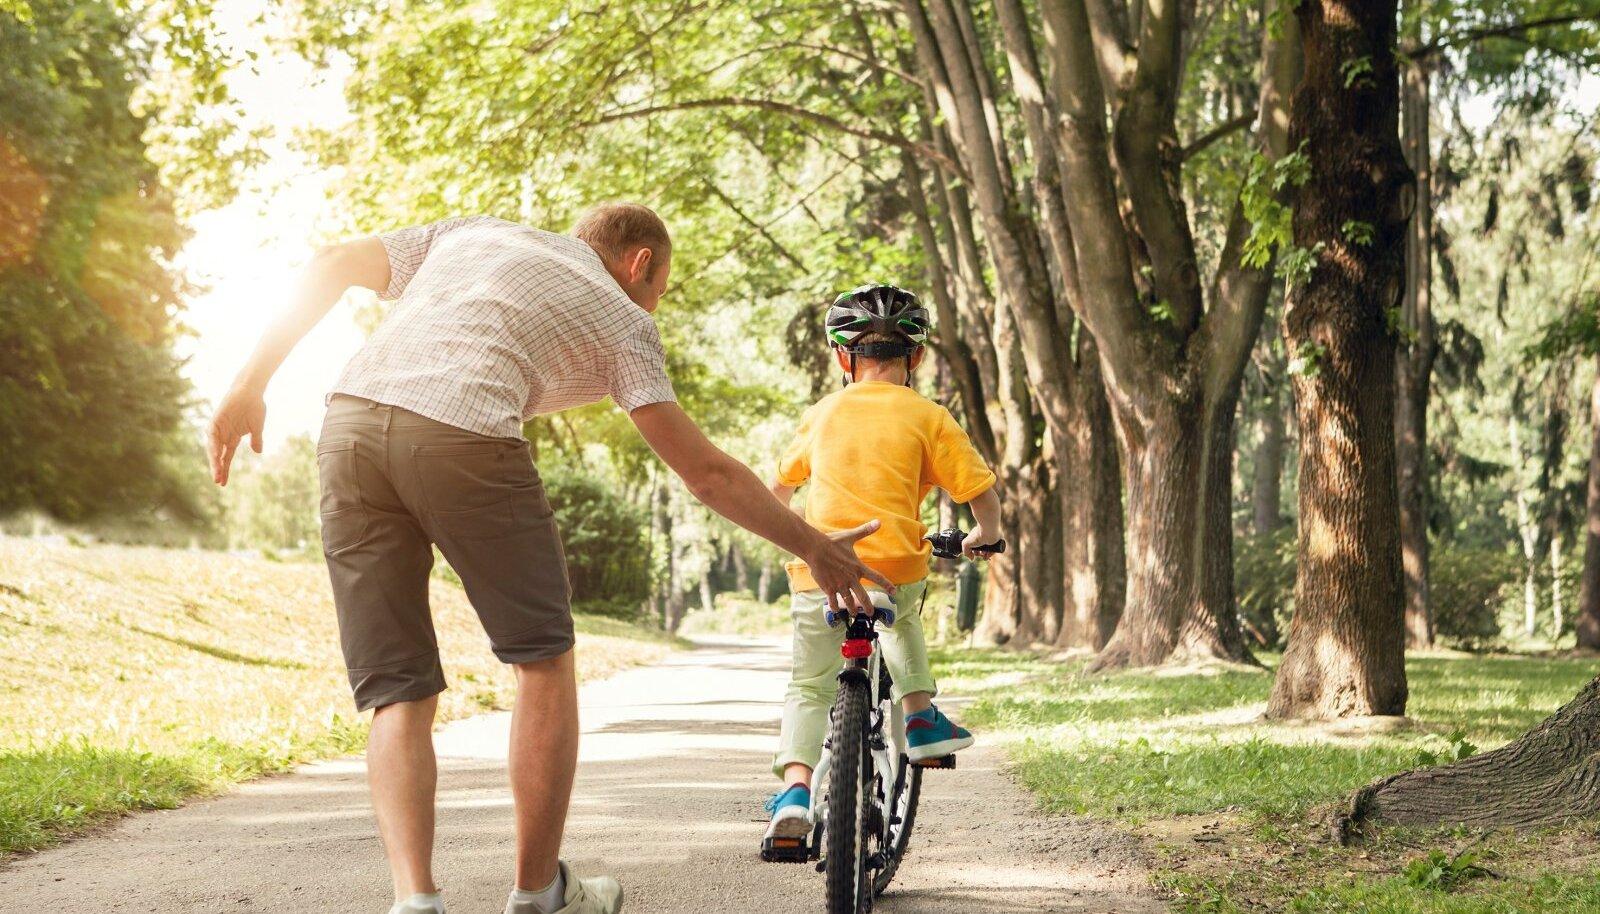 Tasakaalu leidmise abistamisel toetage last rattasadulast või ülakehast ning laske tal iseseisvalt juhtida.